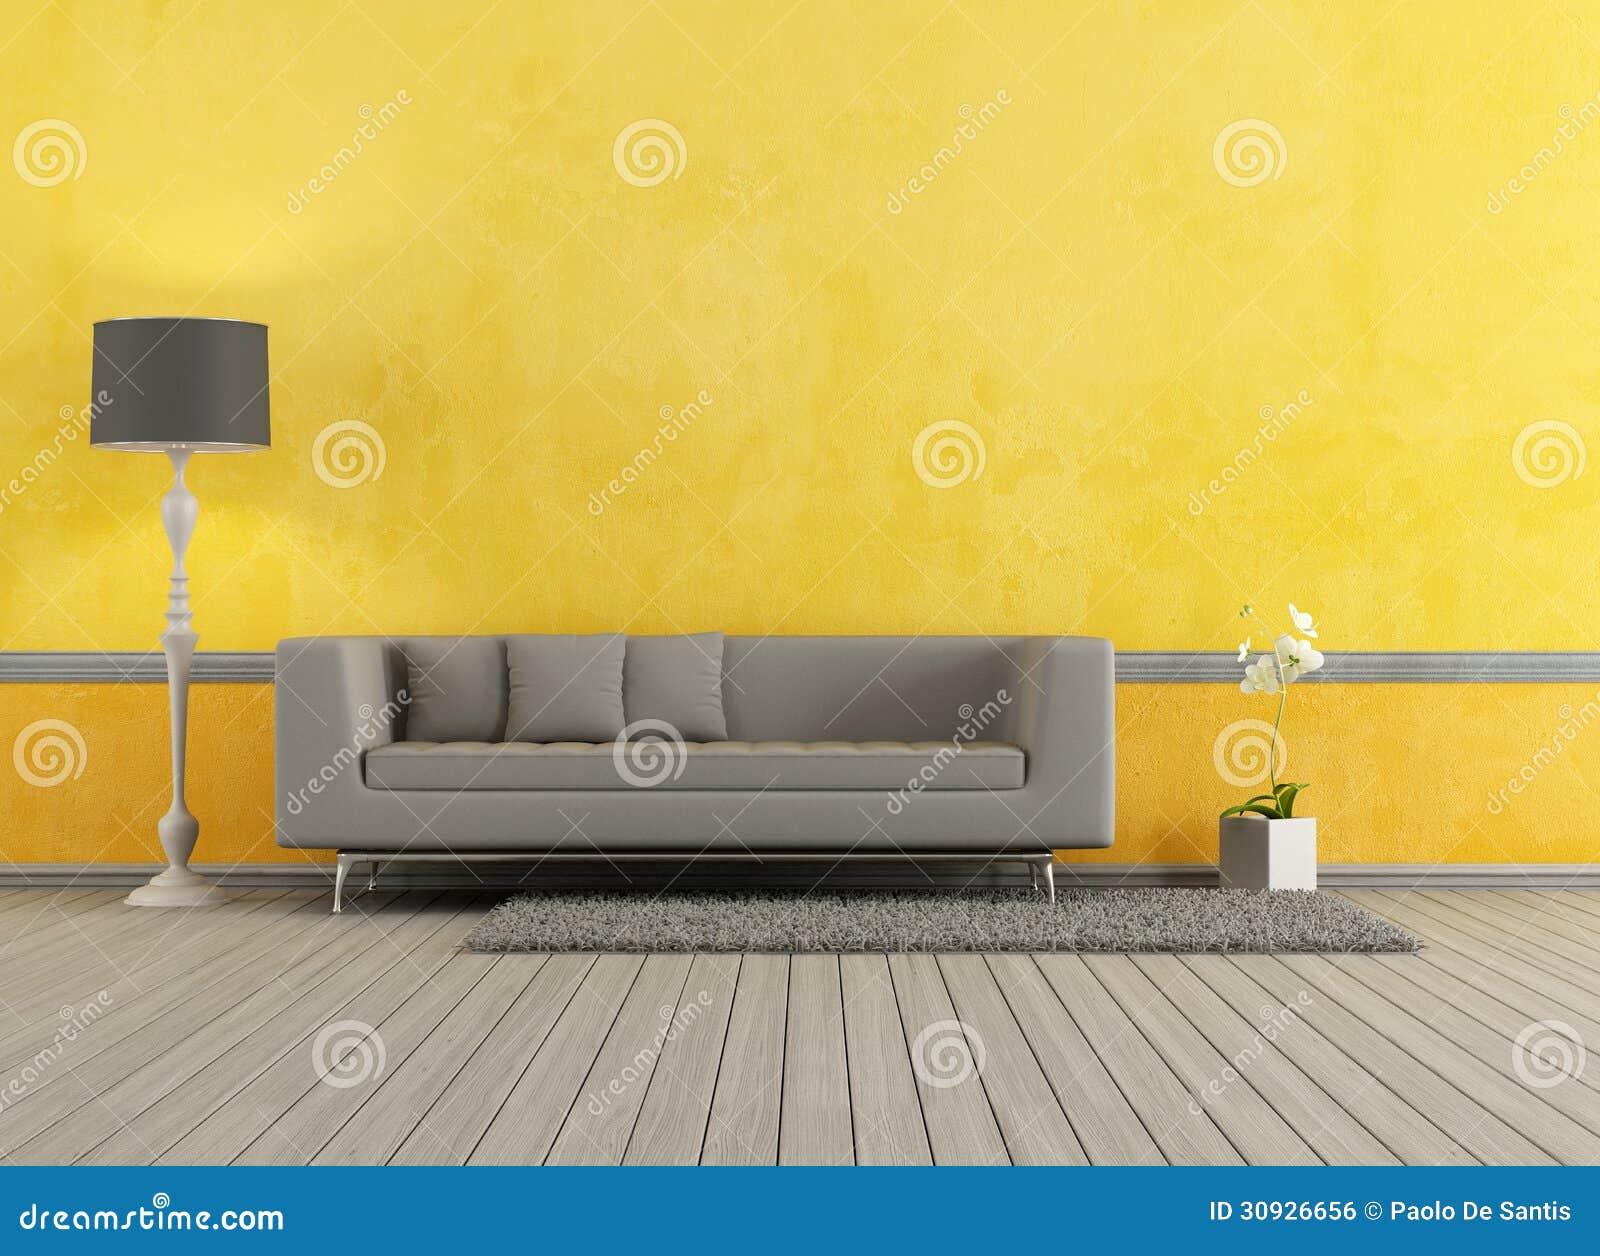 Sala De Estar Gris ~ Sala De Estar Gris Y Amarilla Imagen de archivo libre de regalías